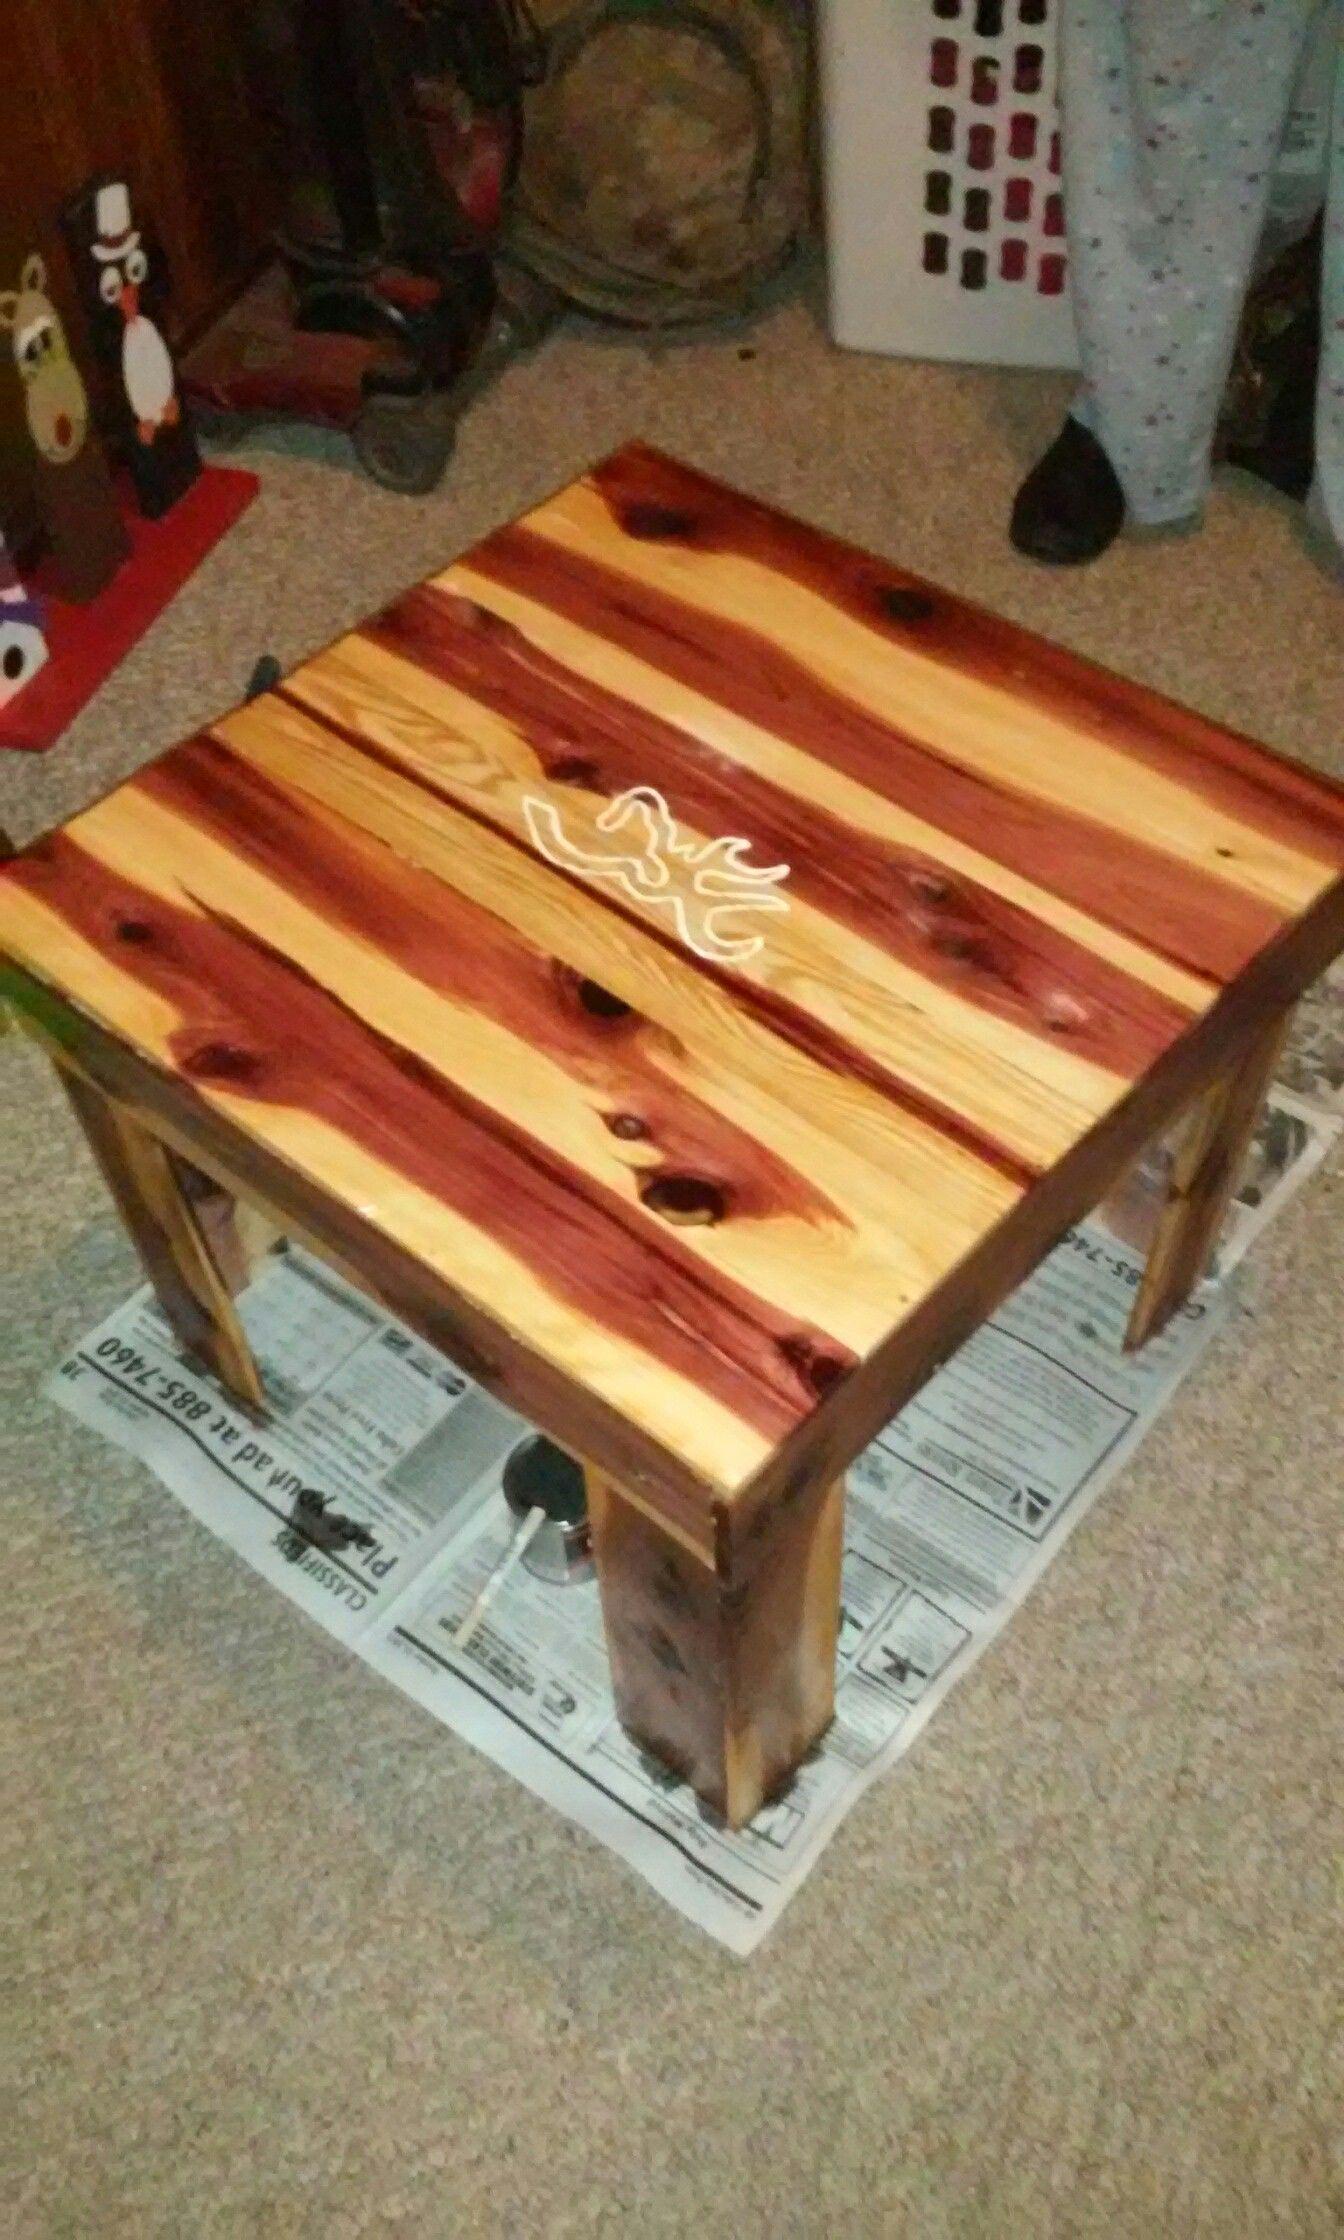 Eastern Red Cedar Browning Buckmark End Table Custom Built For A Customer Cedar Furniture Wooden Coffee Table Build A Farmhouse Table